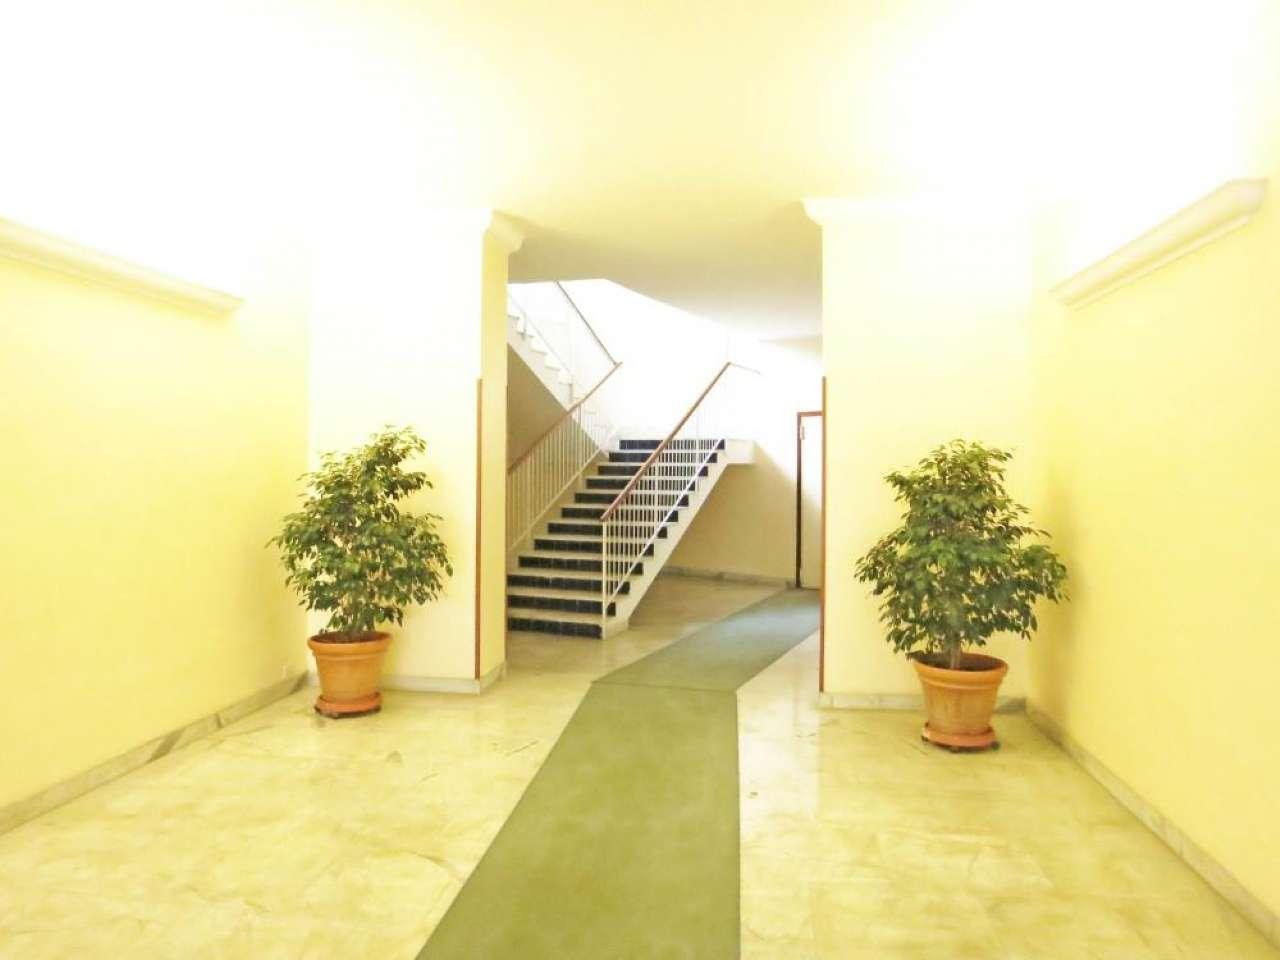 Appartamento in vendita a Roma, 4 locali, zona Zona: 2 . Flaminio, Parioli, Pinciano, Villa Borghese, prezzo € 670.000 | CambioCasa.it